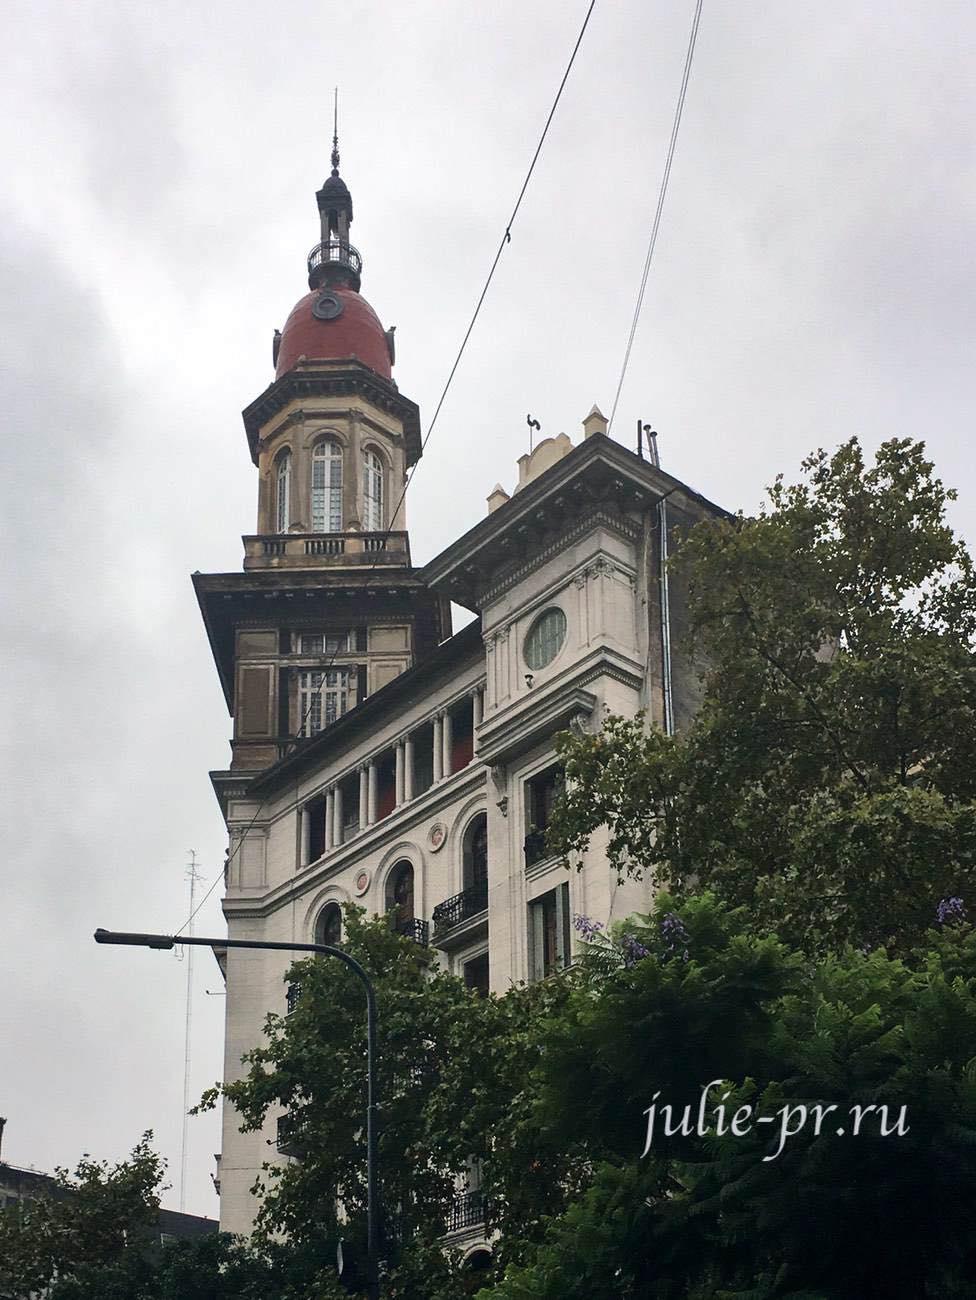 Аргентина, Буэнос-Айрес, Инмобилиария (дворец Хайнлайн)